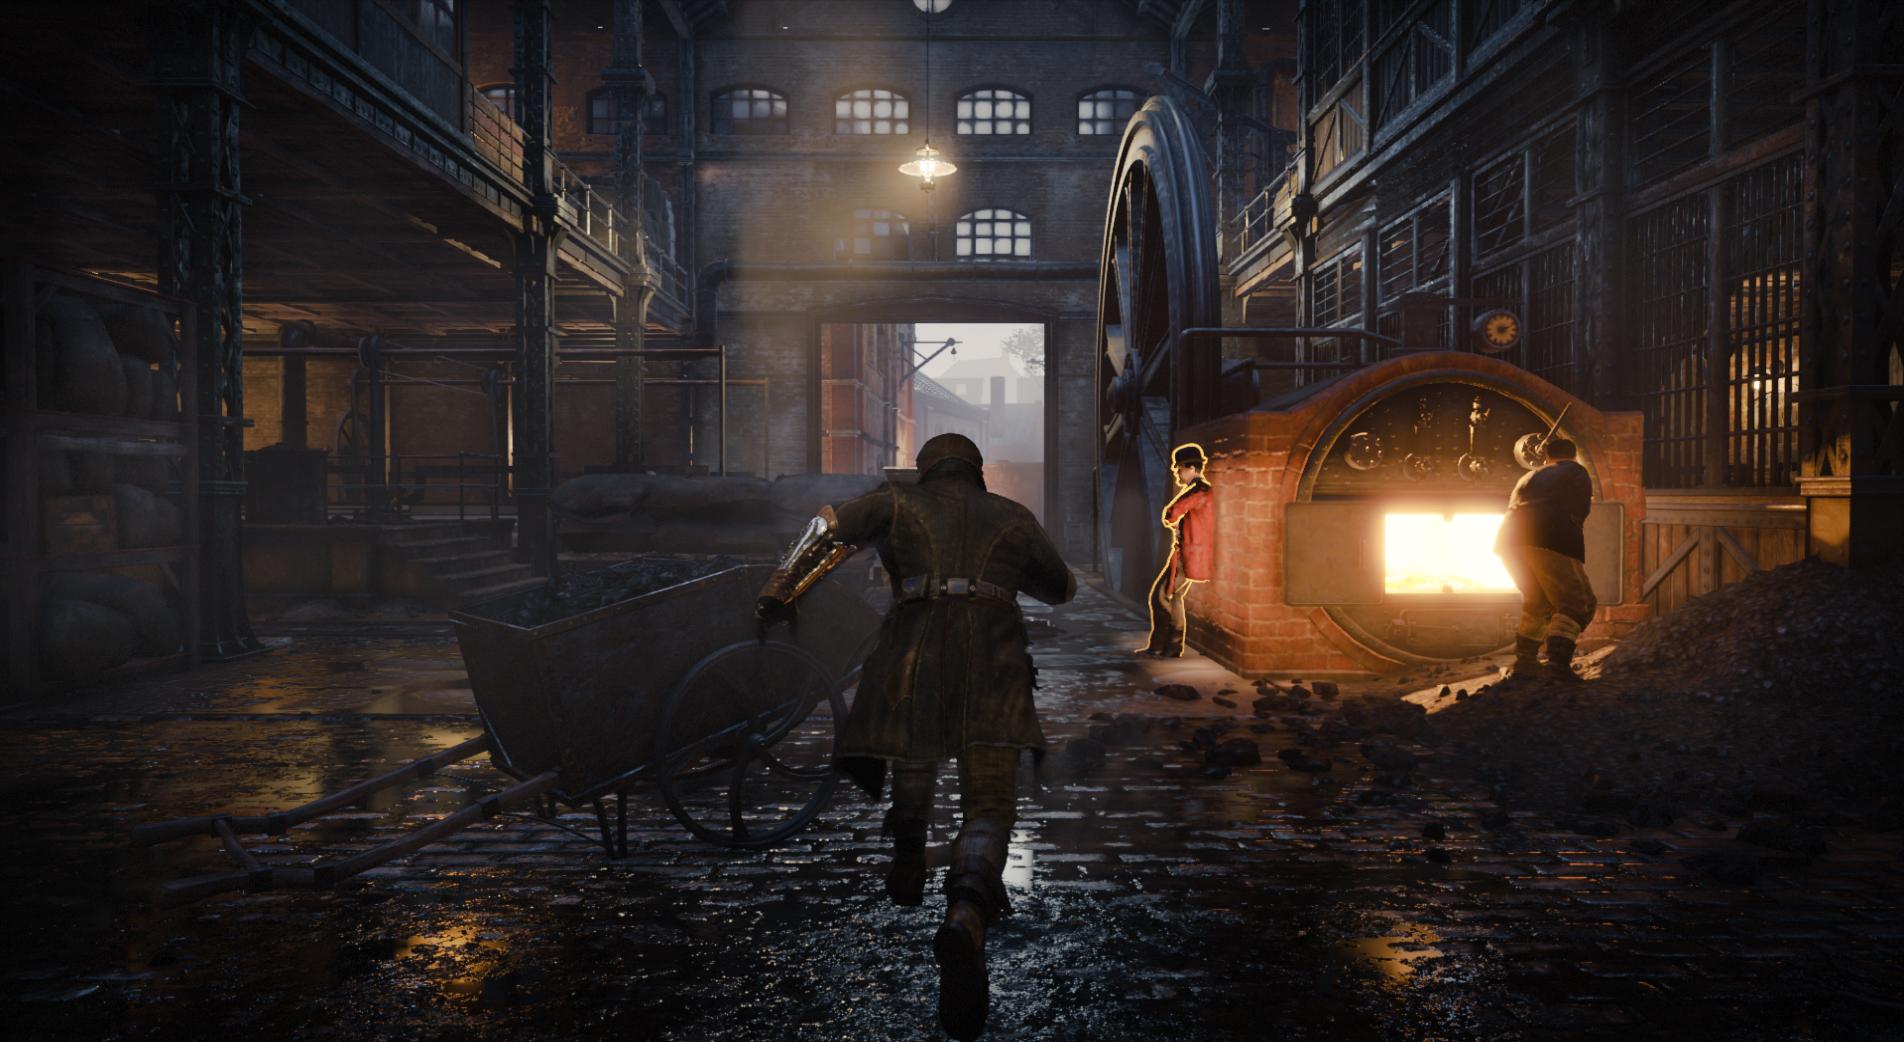 Скриншот игры [Аккаунт] Assassin's Creed Syndicate